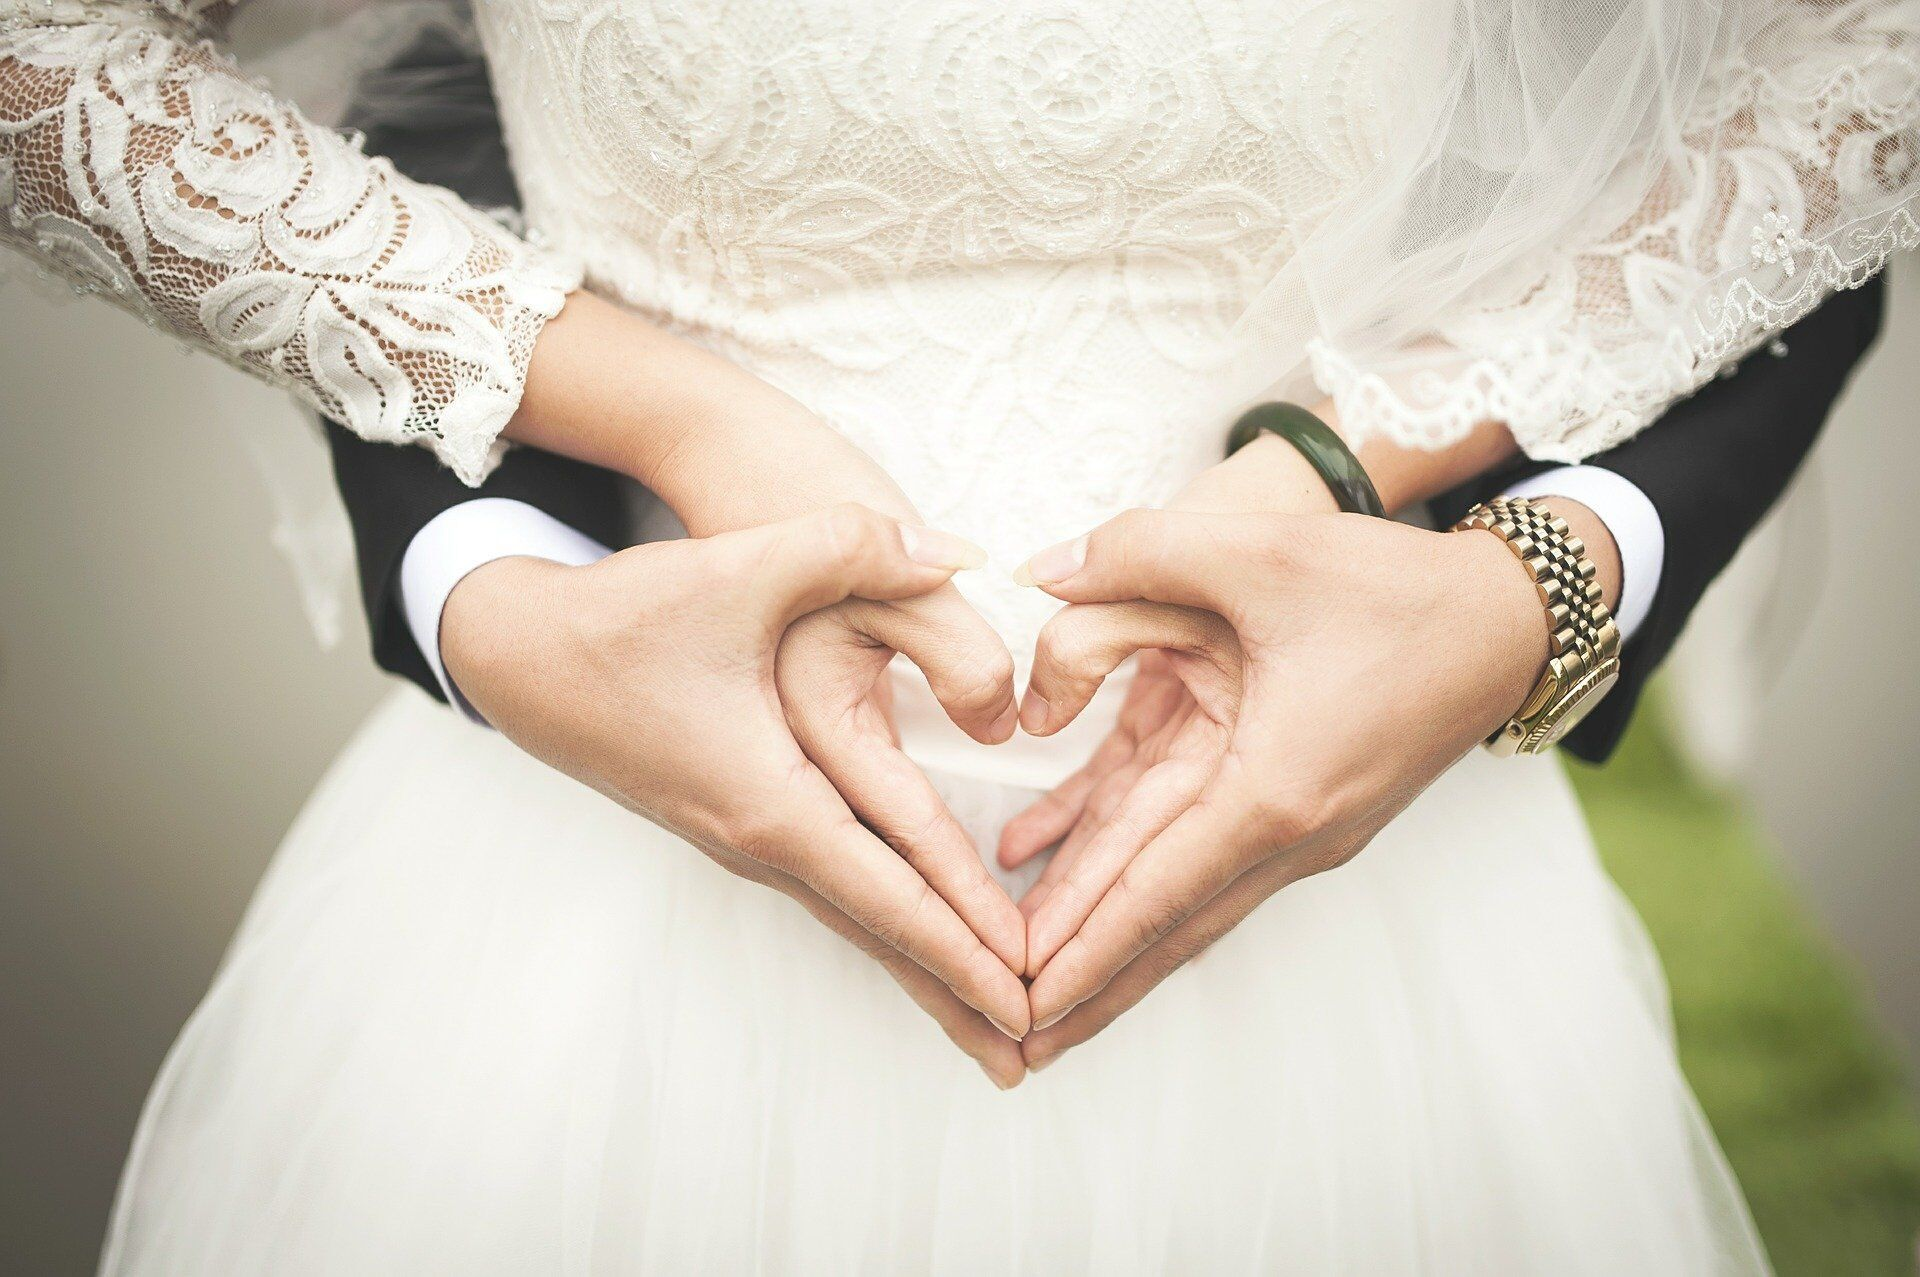 Пожениться на Казанскую Божью Матерь – брак будет счастливым и крепким